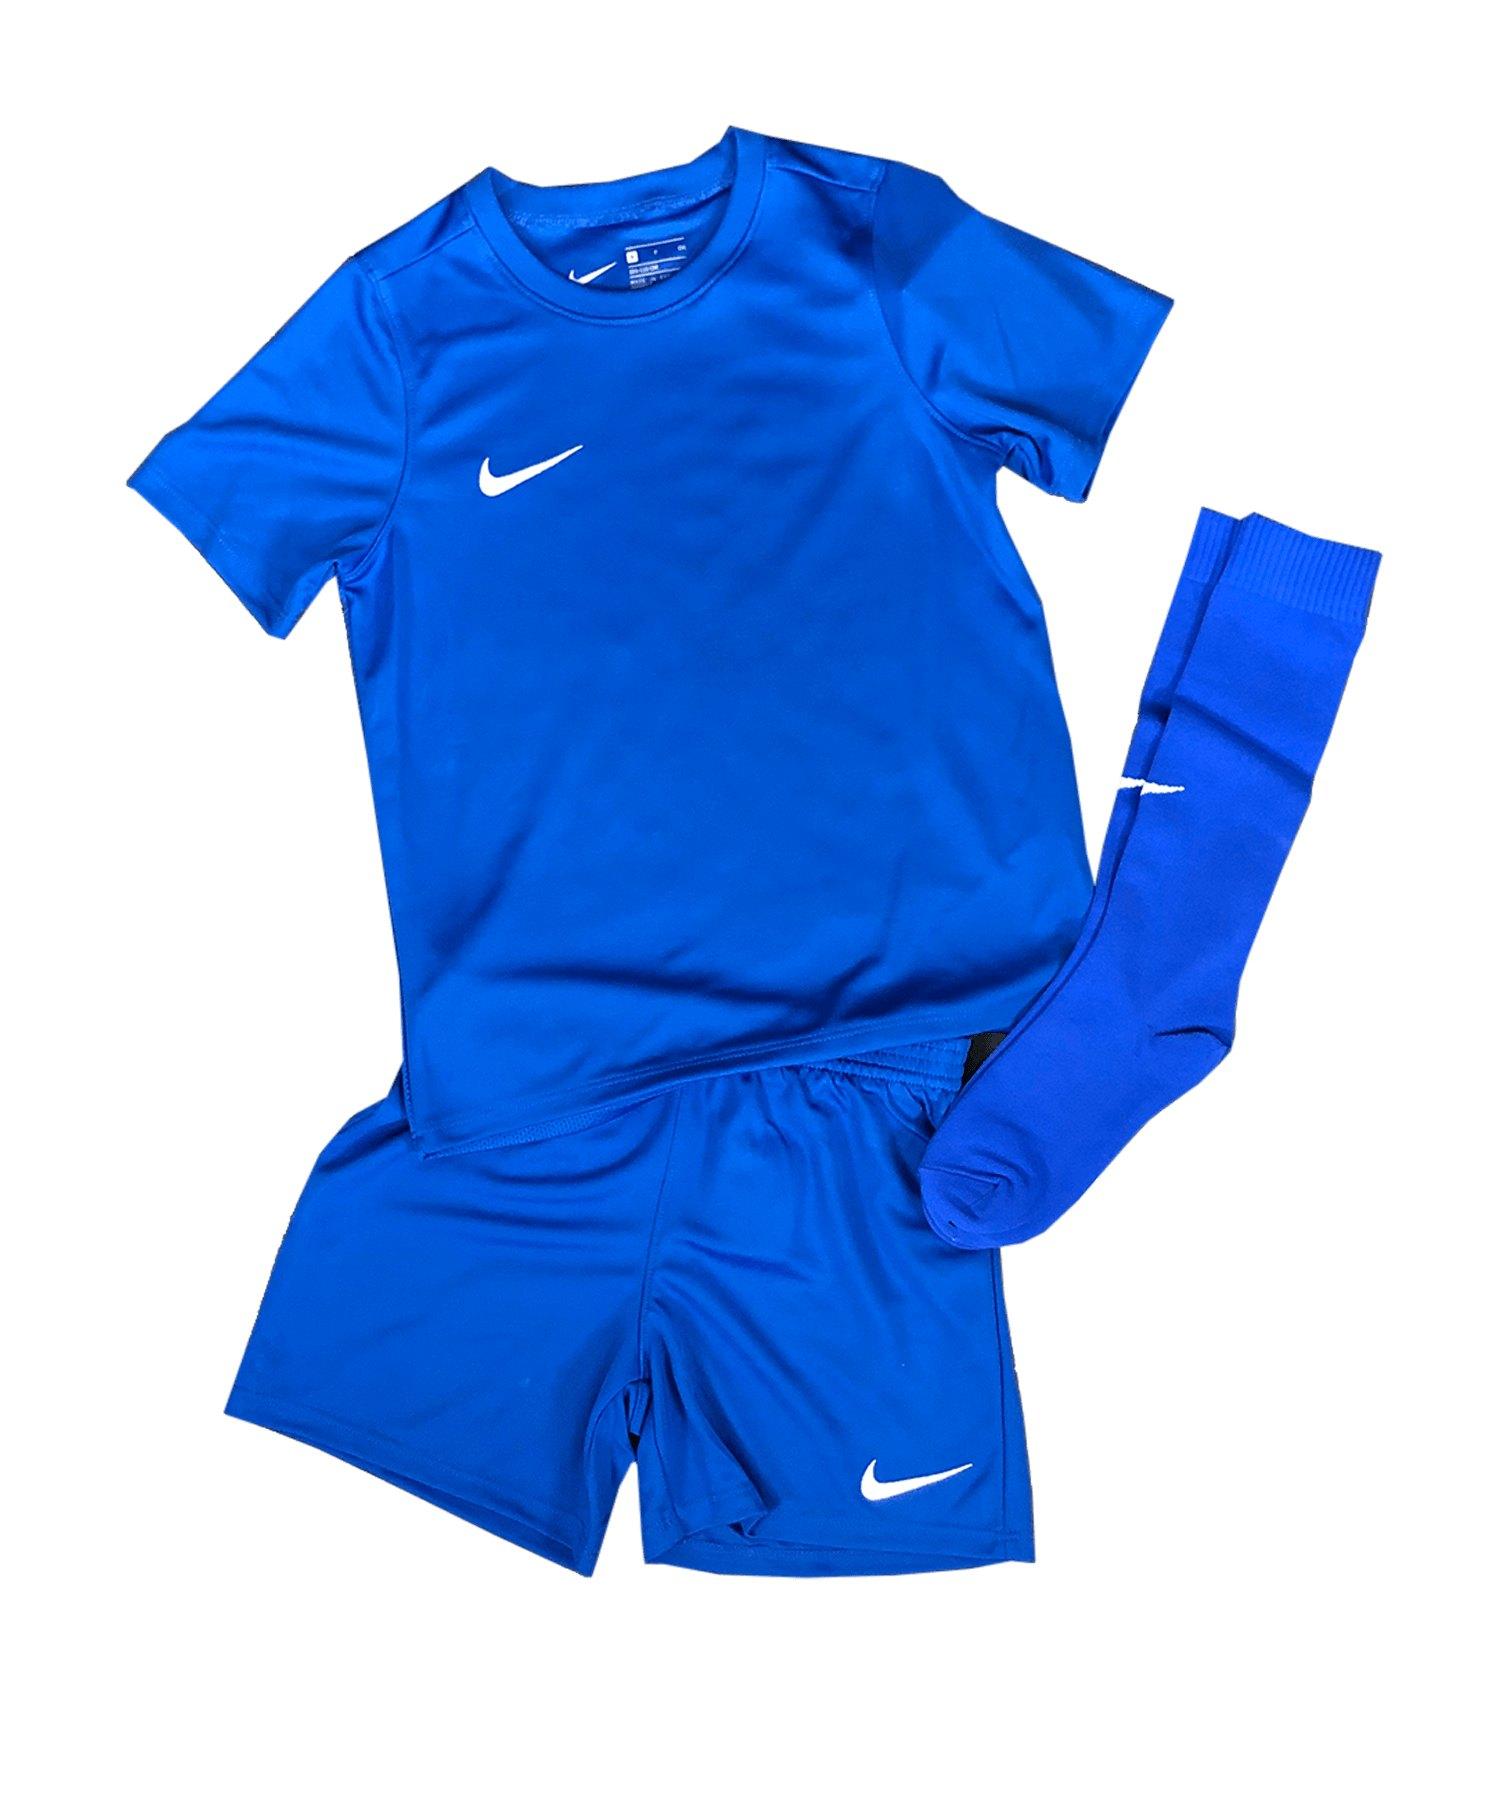 Nike Park 20 Kit Kids Blau F463 - blau